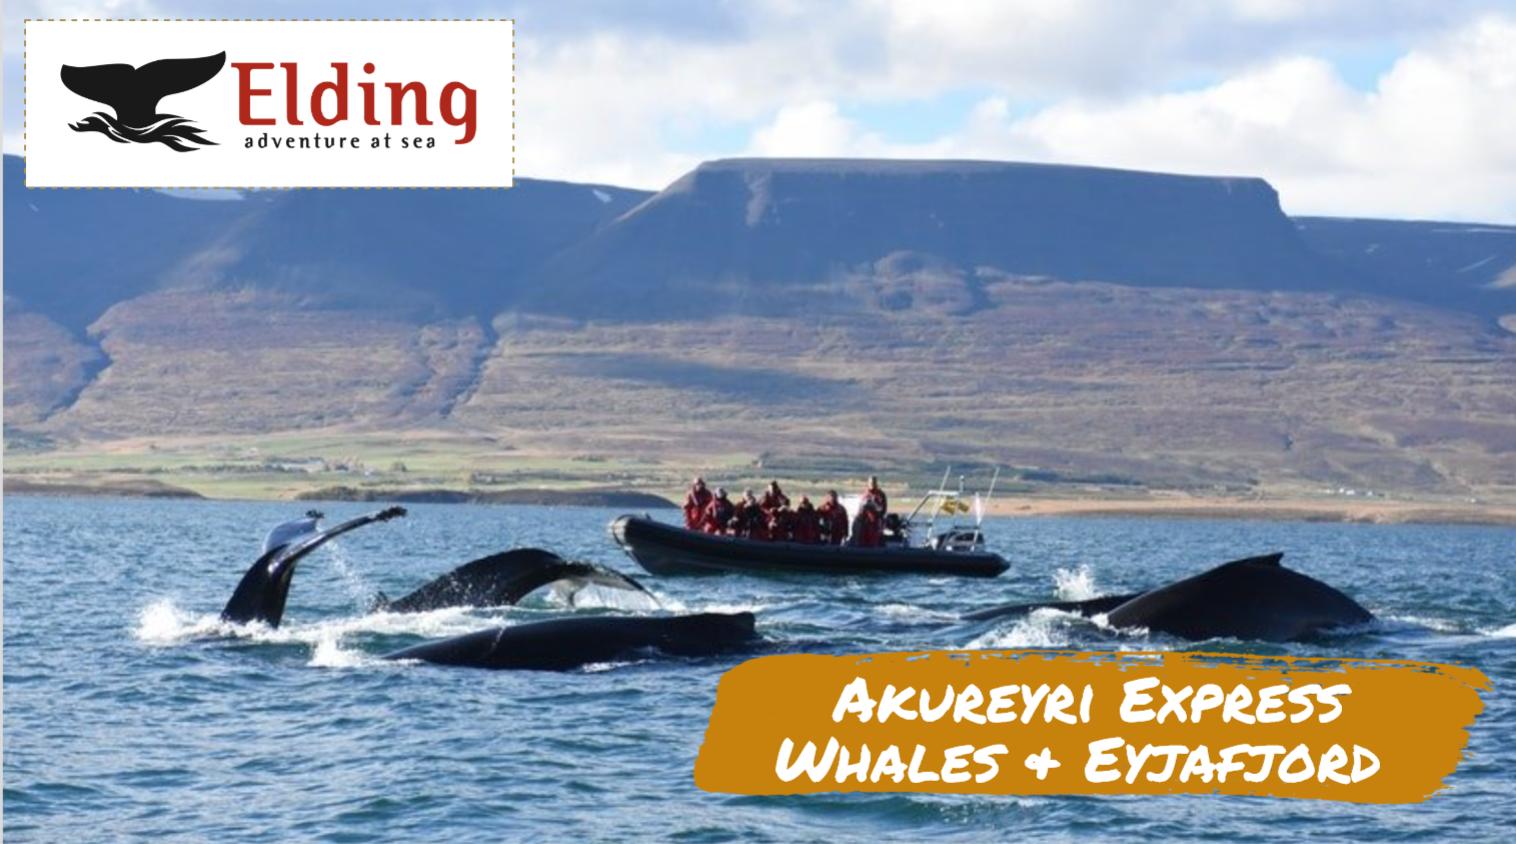 Akureyri Express Whales & Eyjafjord